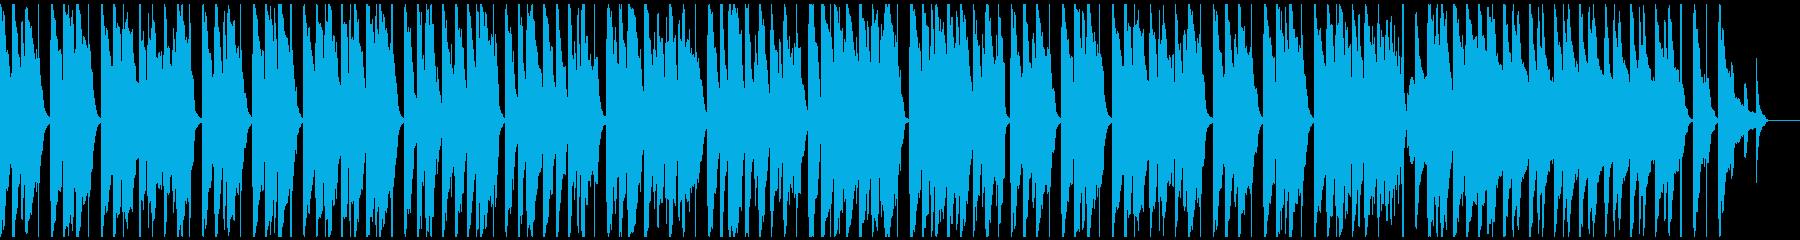 ワーグナー結婚行進曲ウクレレ スネア抜きの再生済みの波形